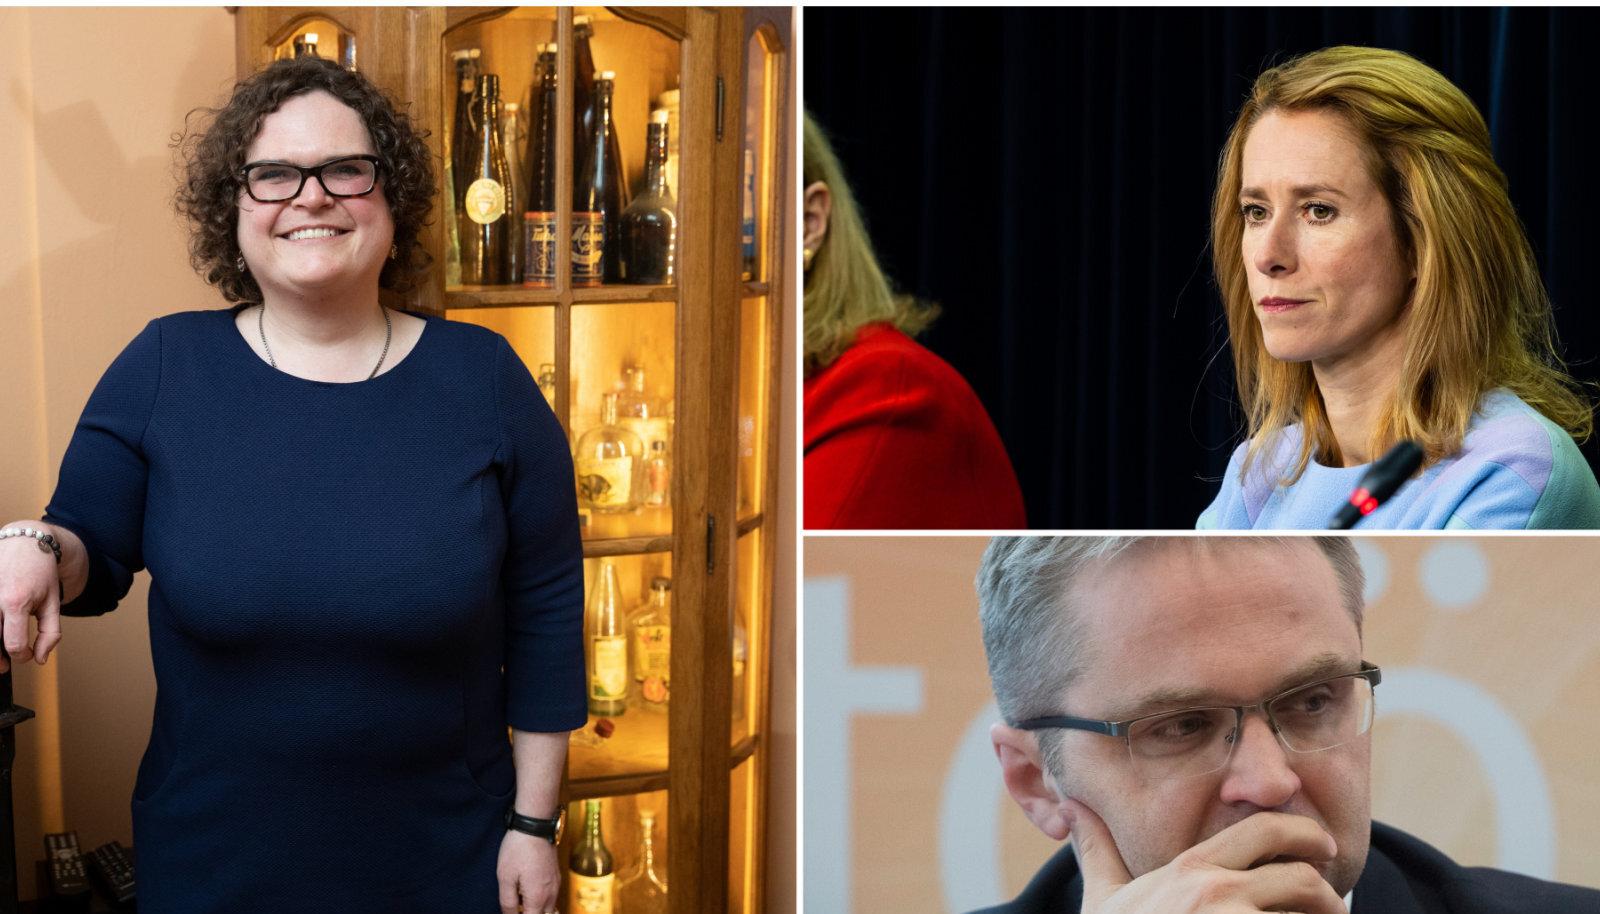 Kadri Paas / Kaja Kallas / Janar Holm